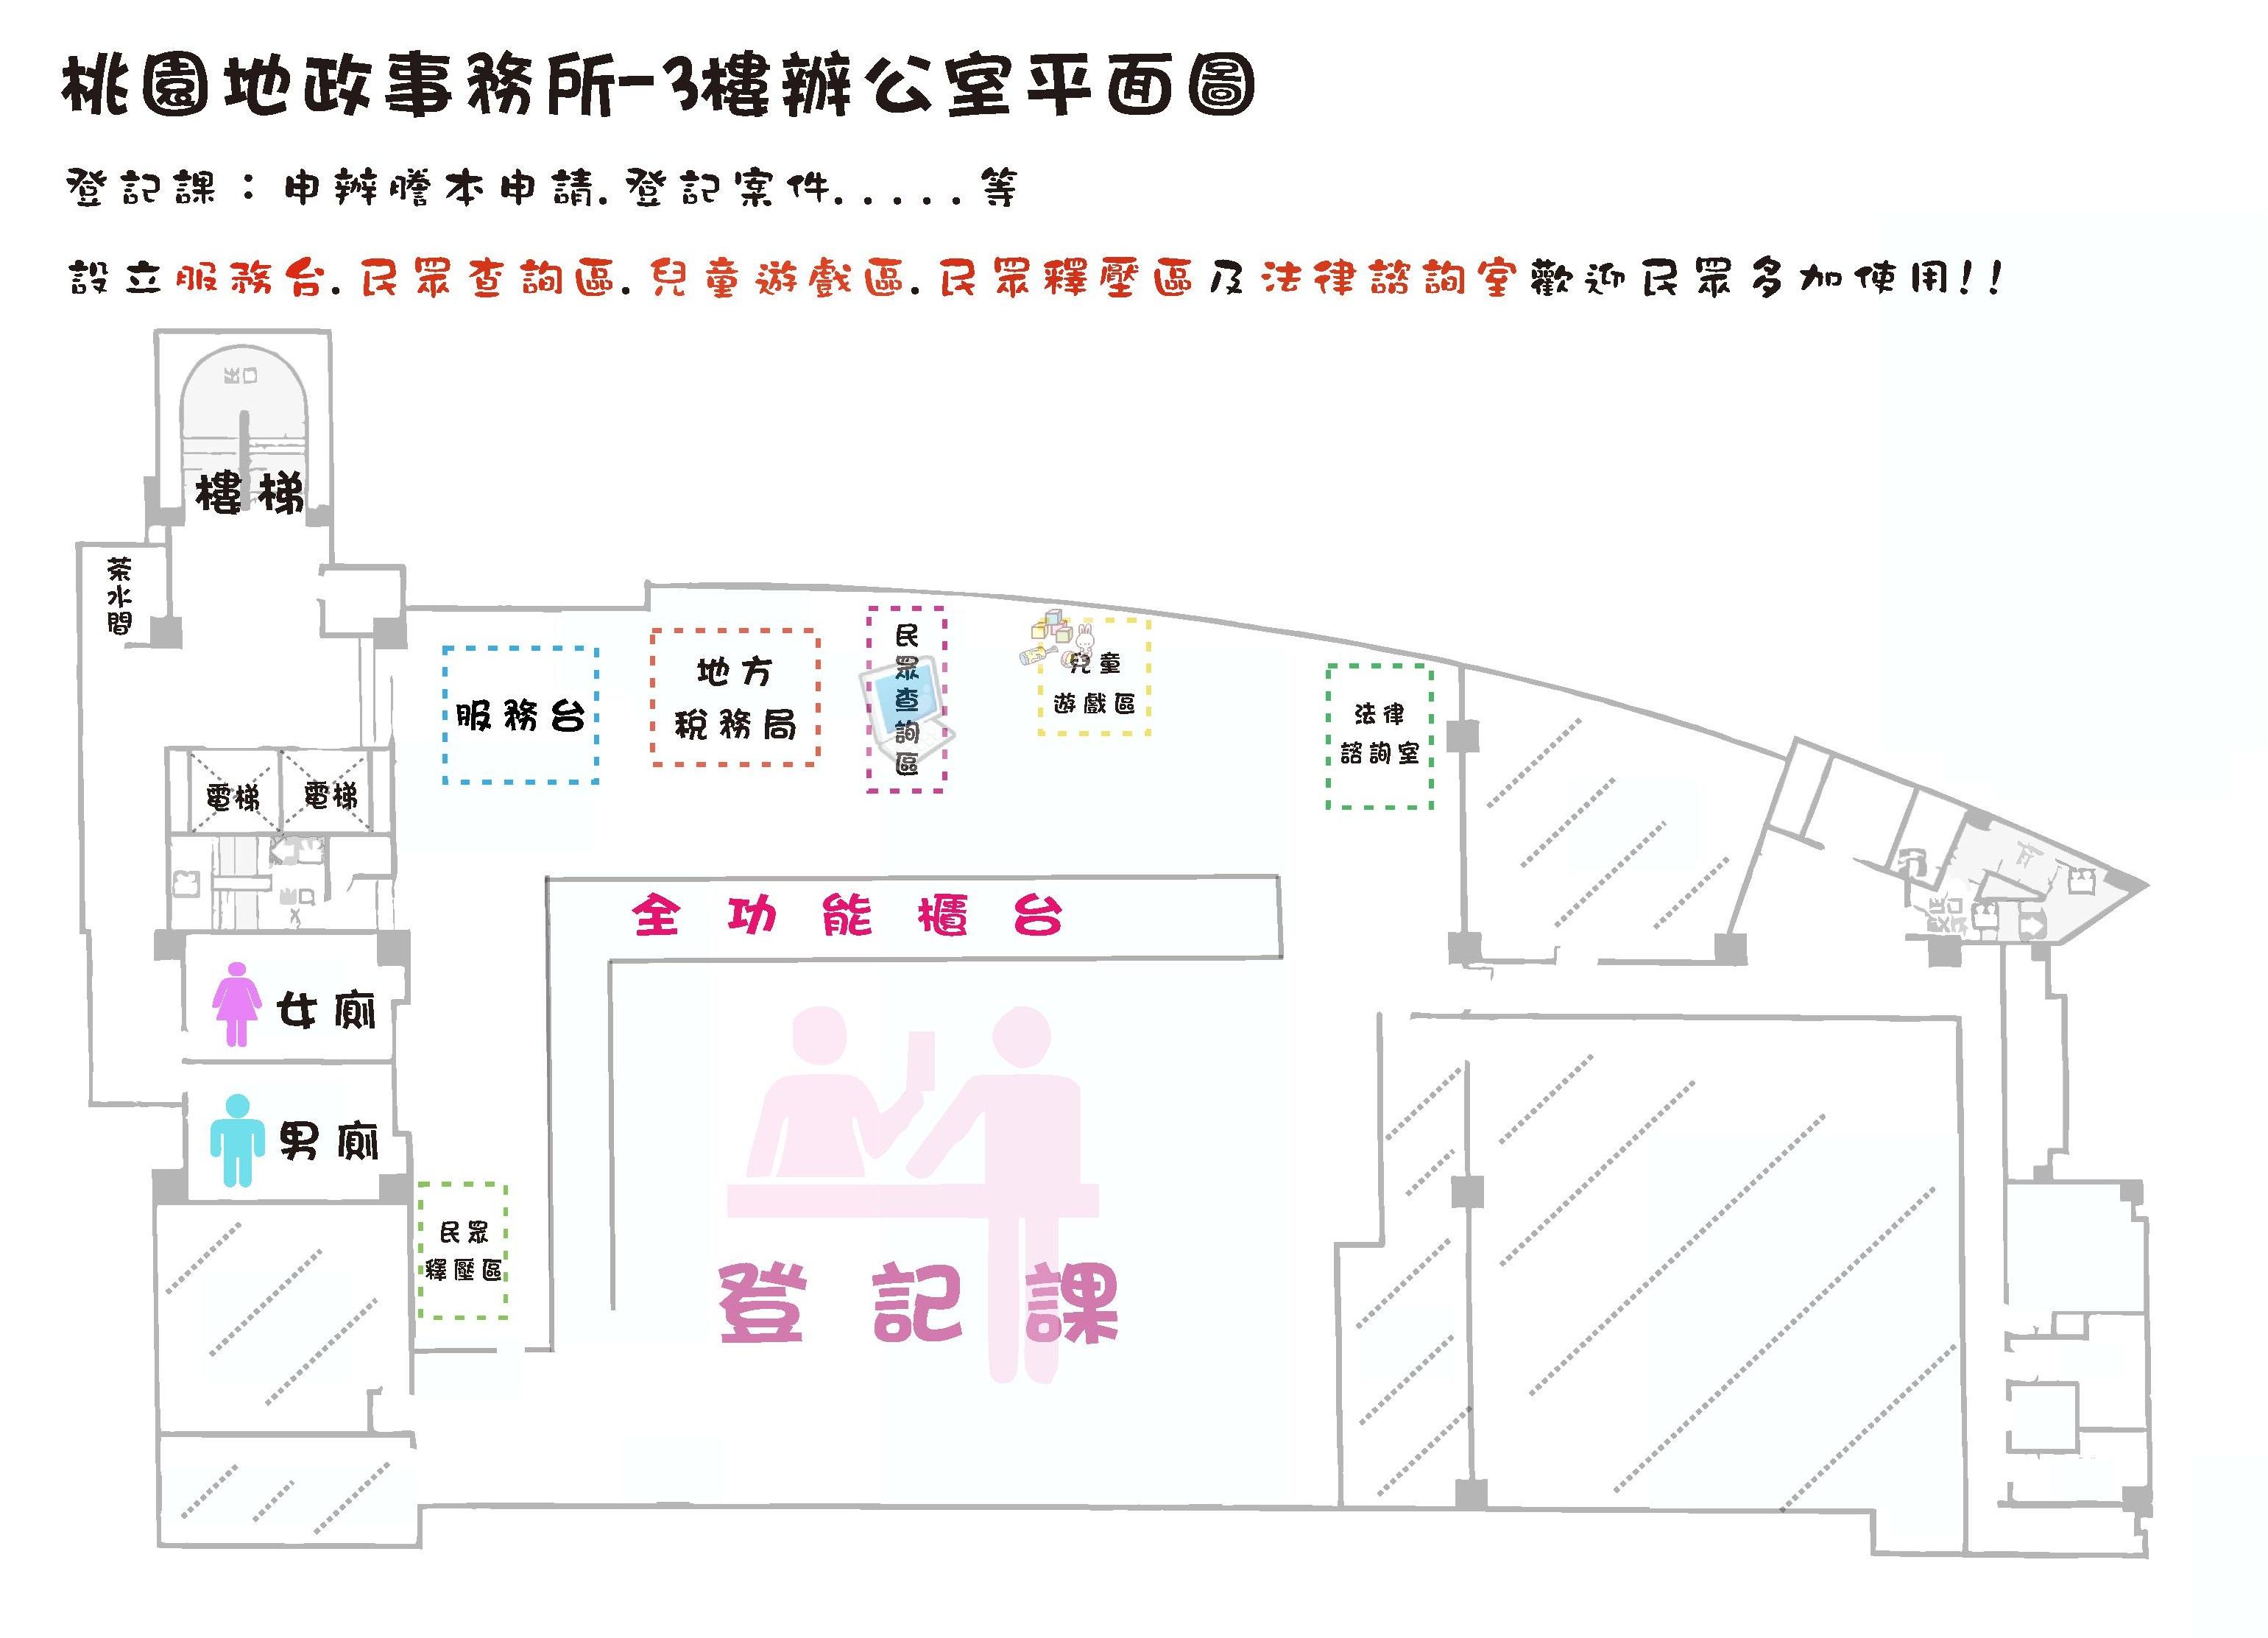 桃園地政事務所3樓平面圖